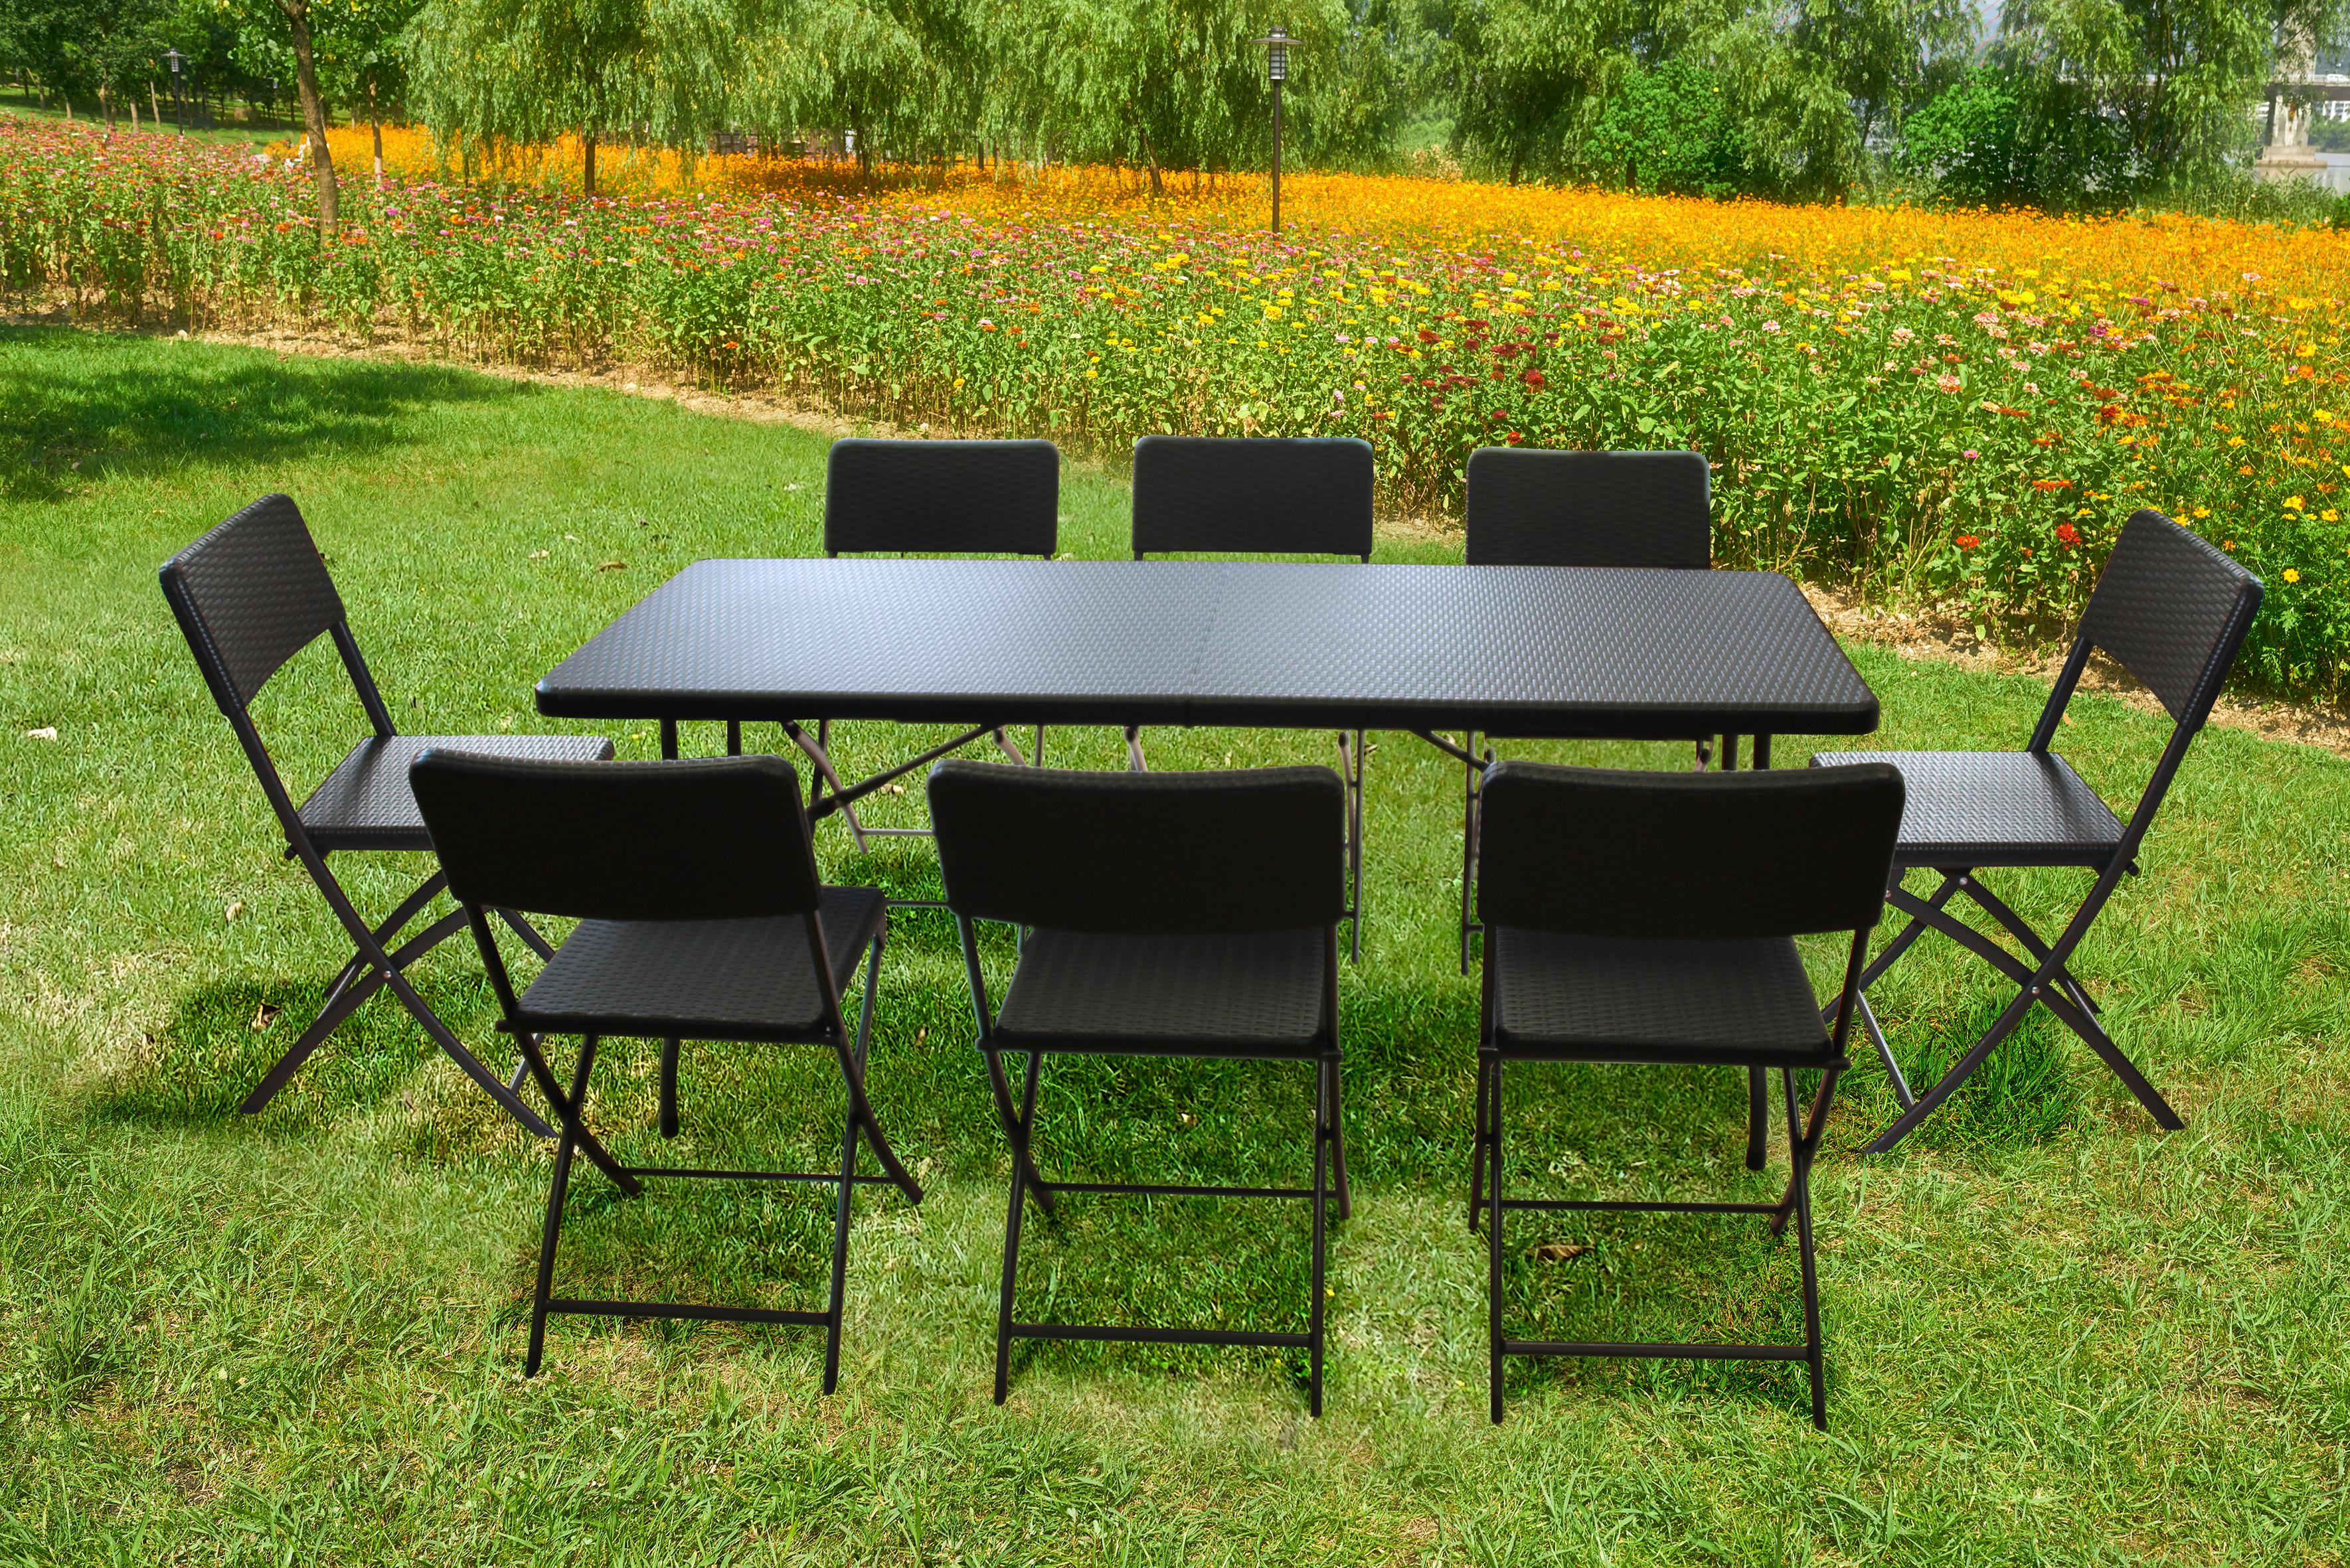 tischgarnitur mit 8 st hlen elegancepro 180x75 cm schwarz. Black Bedroom Furniture Sets. Home Design Ideas